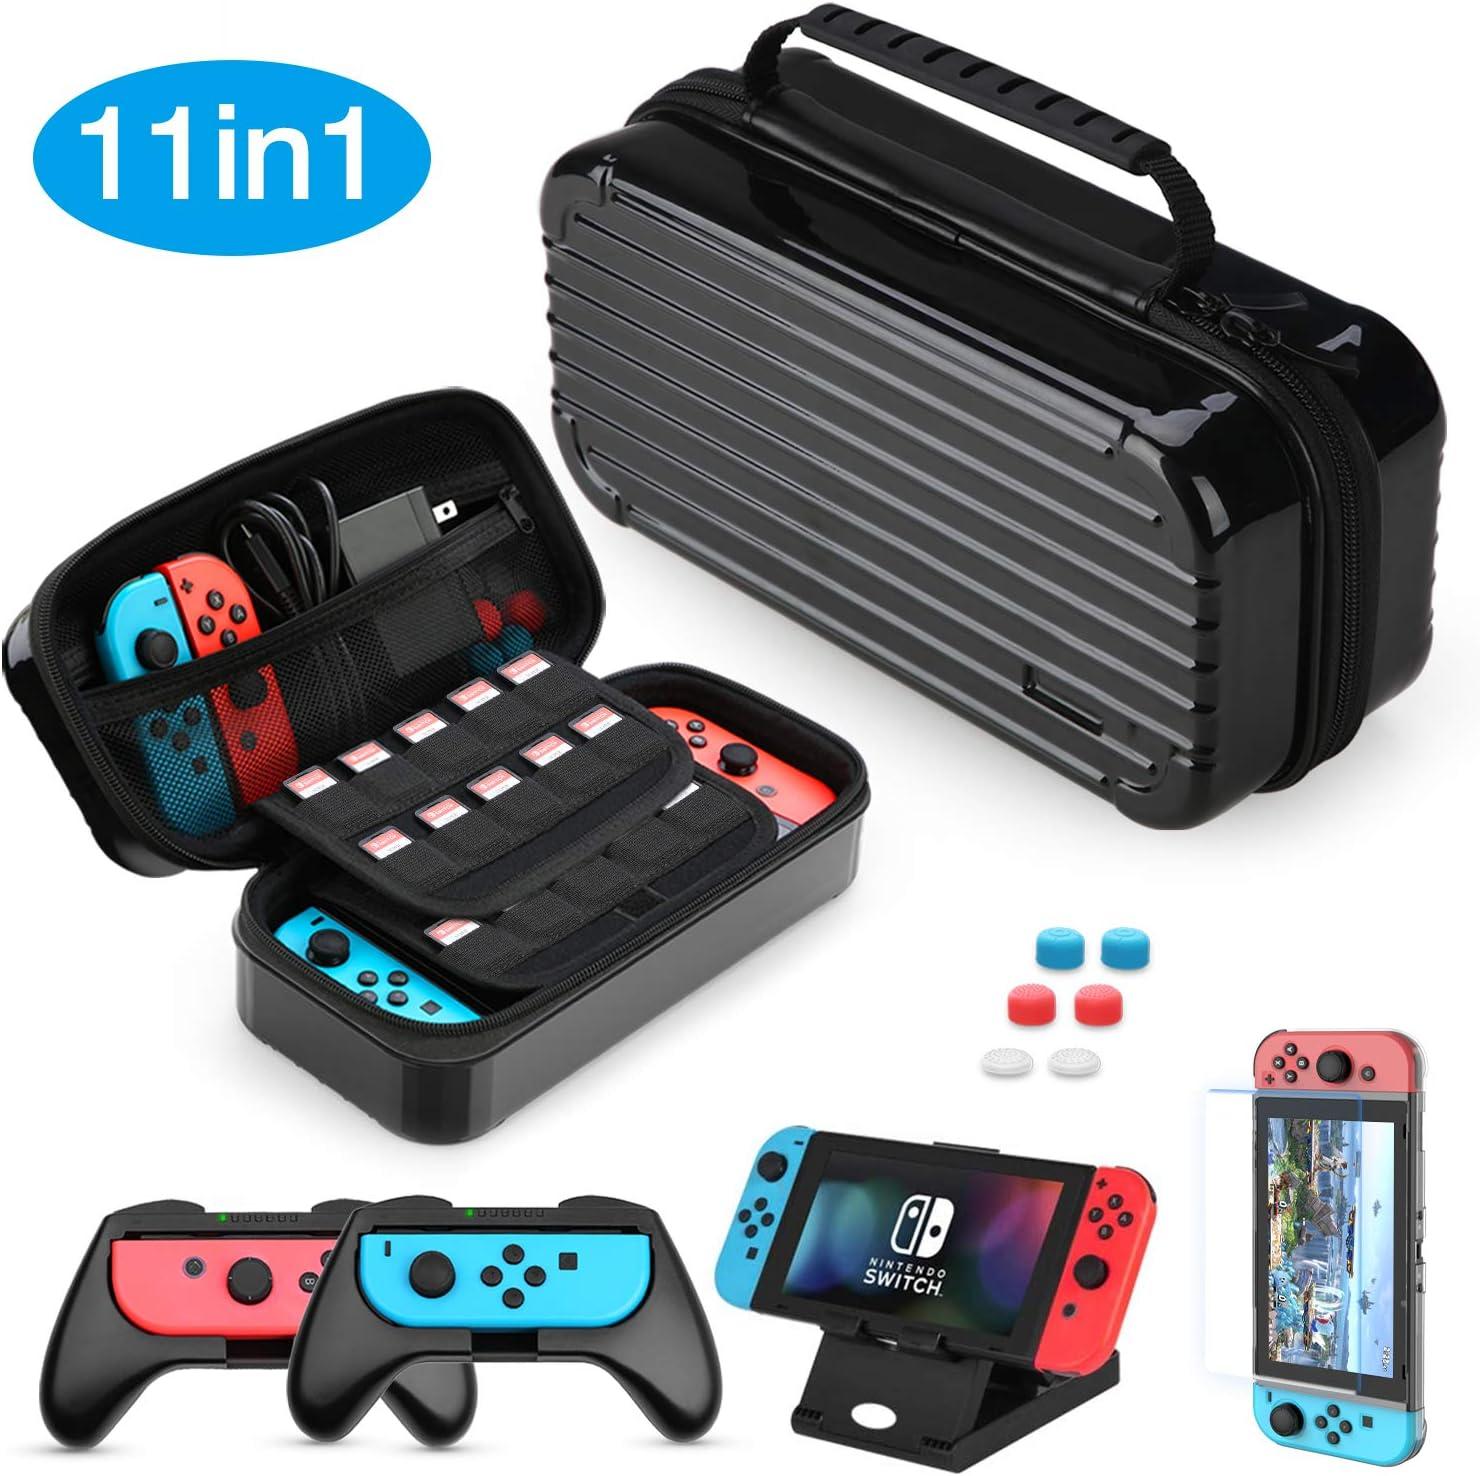 Funda para Nintendo Switch, HEYSTOP 11 en 1 Nintendo Switch Estuche portátil Incluye 2 Joy-Con Grips para Nintendo Switch, PlayStand ajustable, Protector de Pantalla con 6 Tapas de Agarre para Pulgar